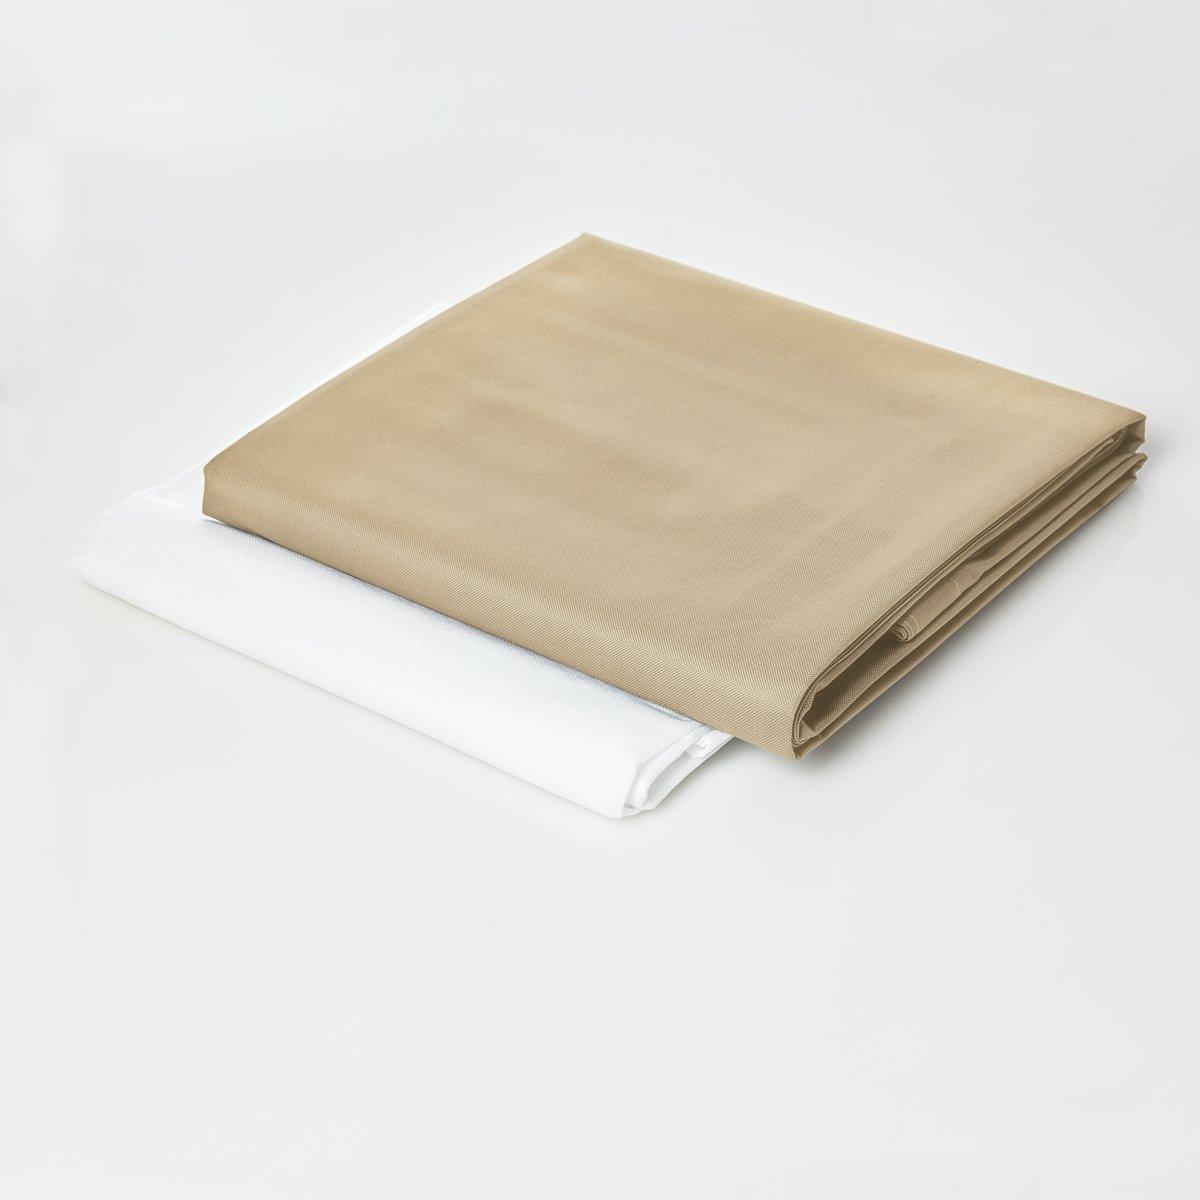 Lumaland - Hoes van luxe XXL zitzak - enkel de hoes zonder vulling - Volume 380 liter - 140 x 180 cm - gemaakt van PVC / Polyester - Beige kopen